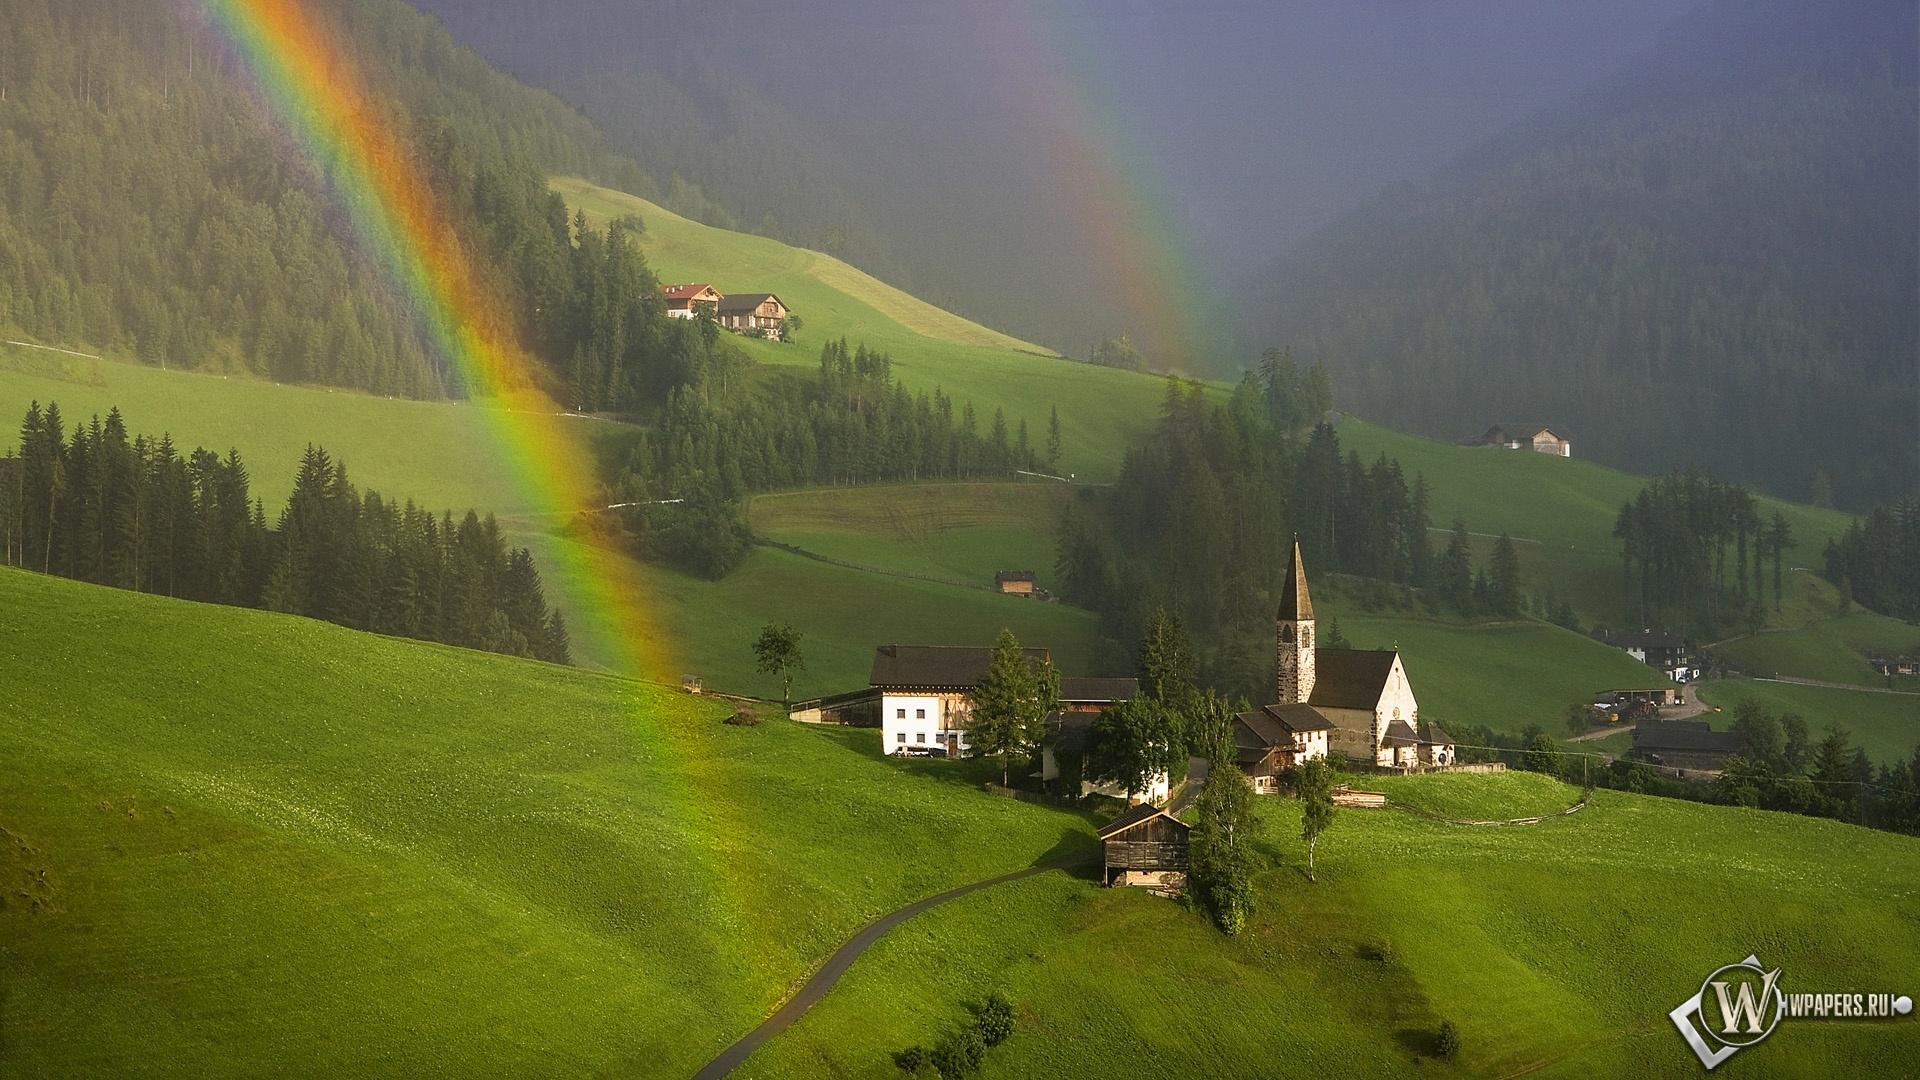 Радуга  в Южном Тироле Австрия 1920x1080